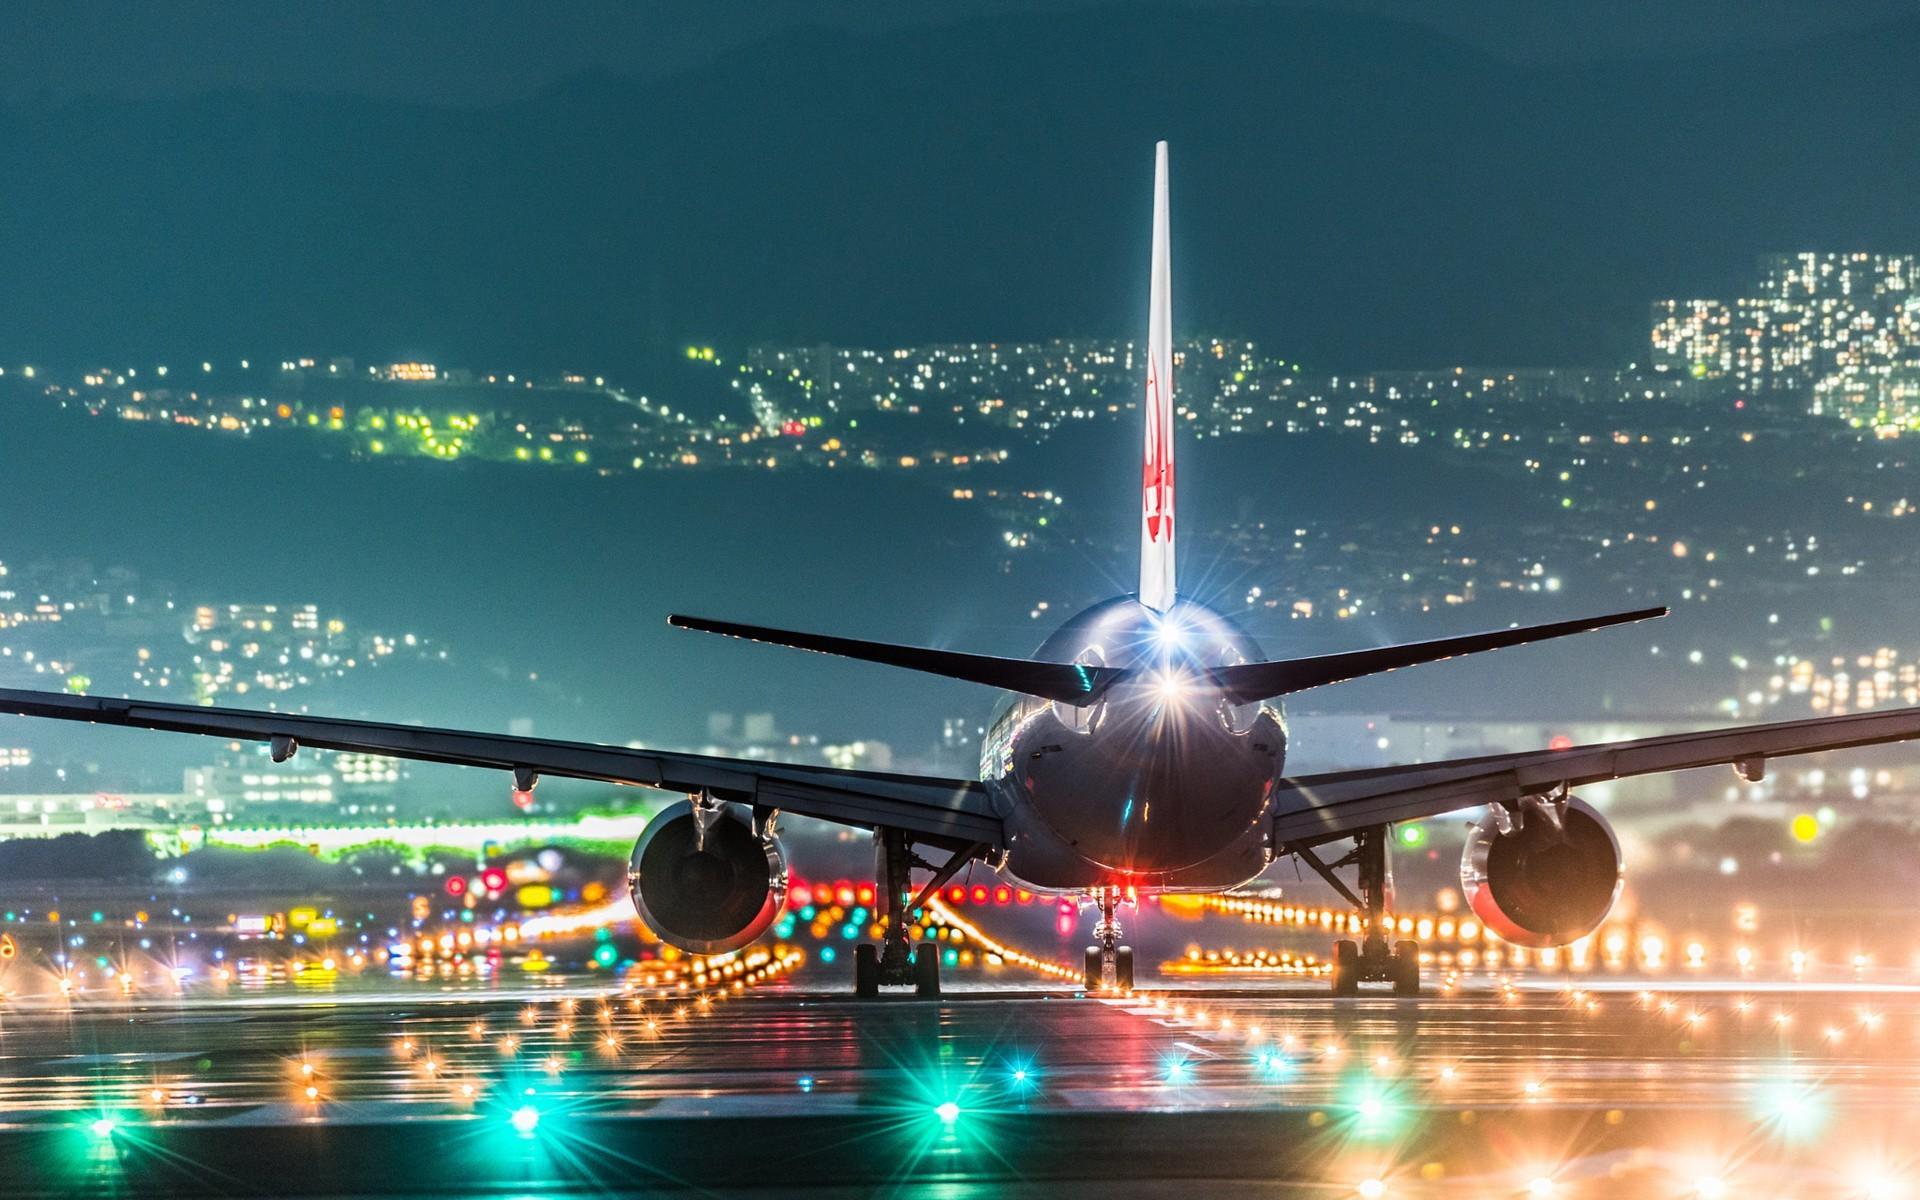 Aircraft Wallpaper HD (72+ Images